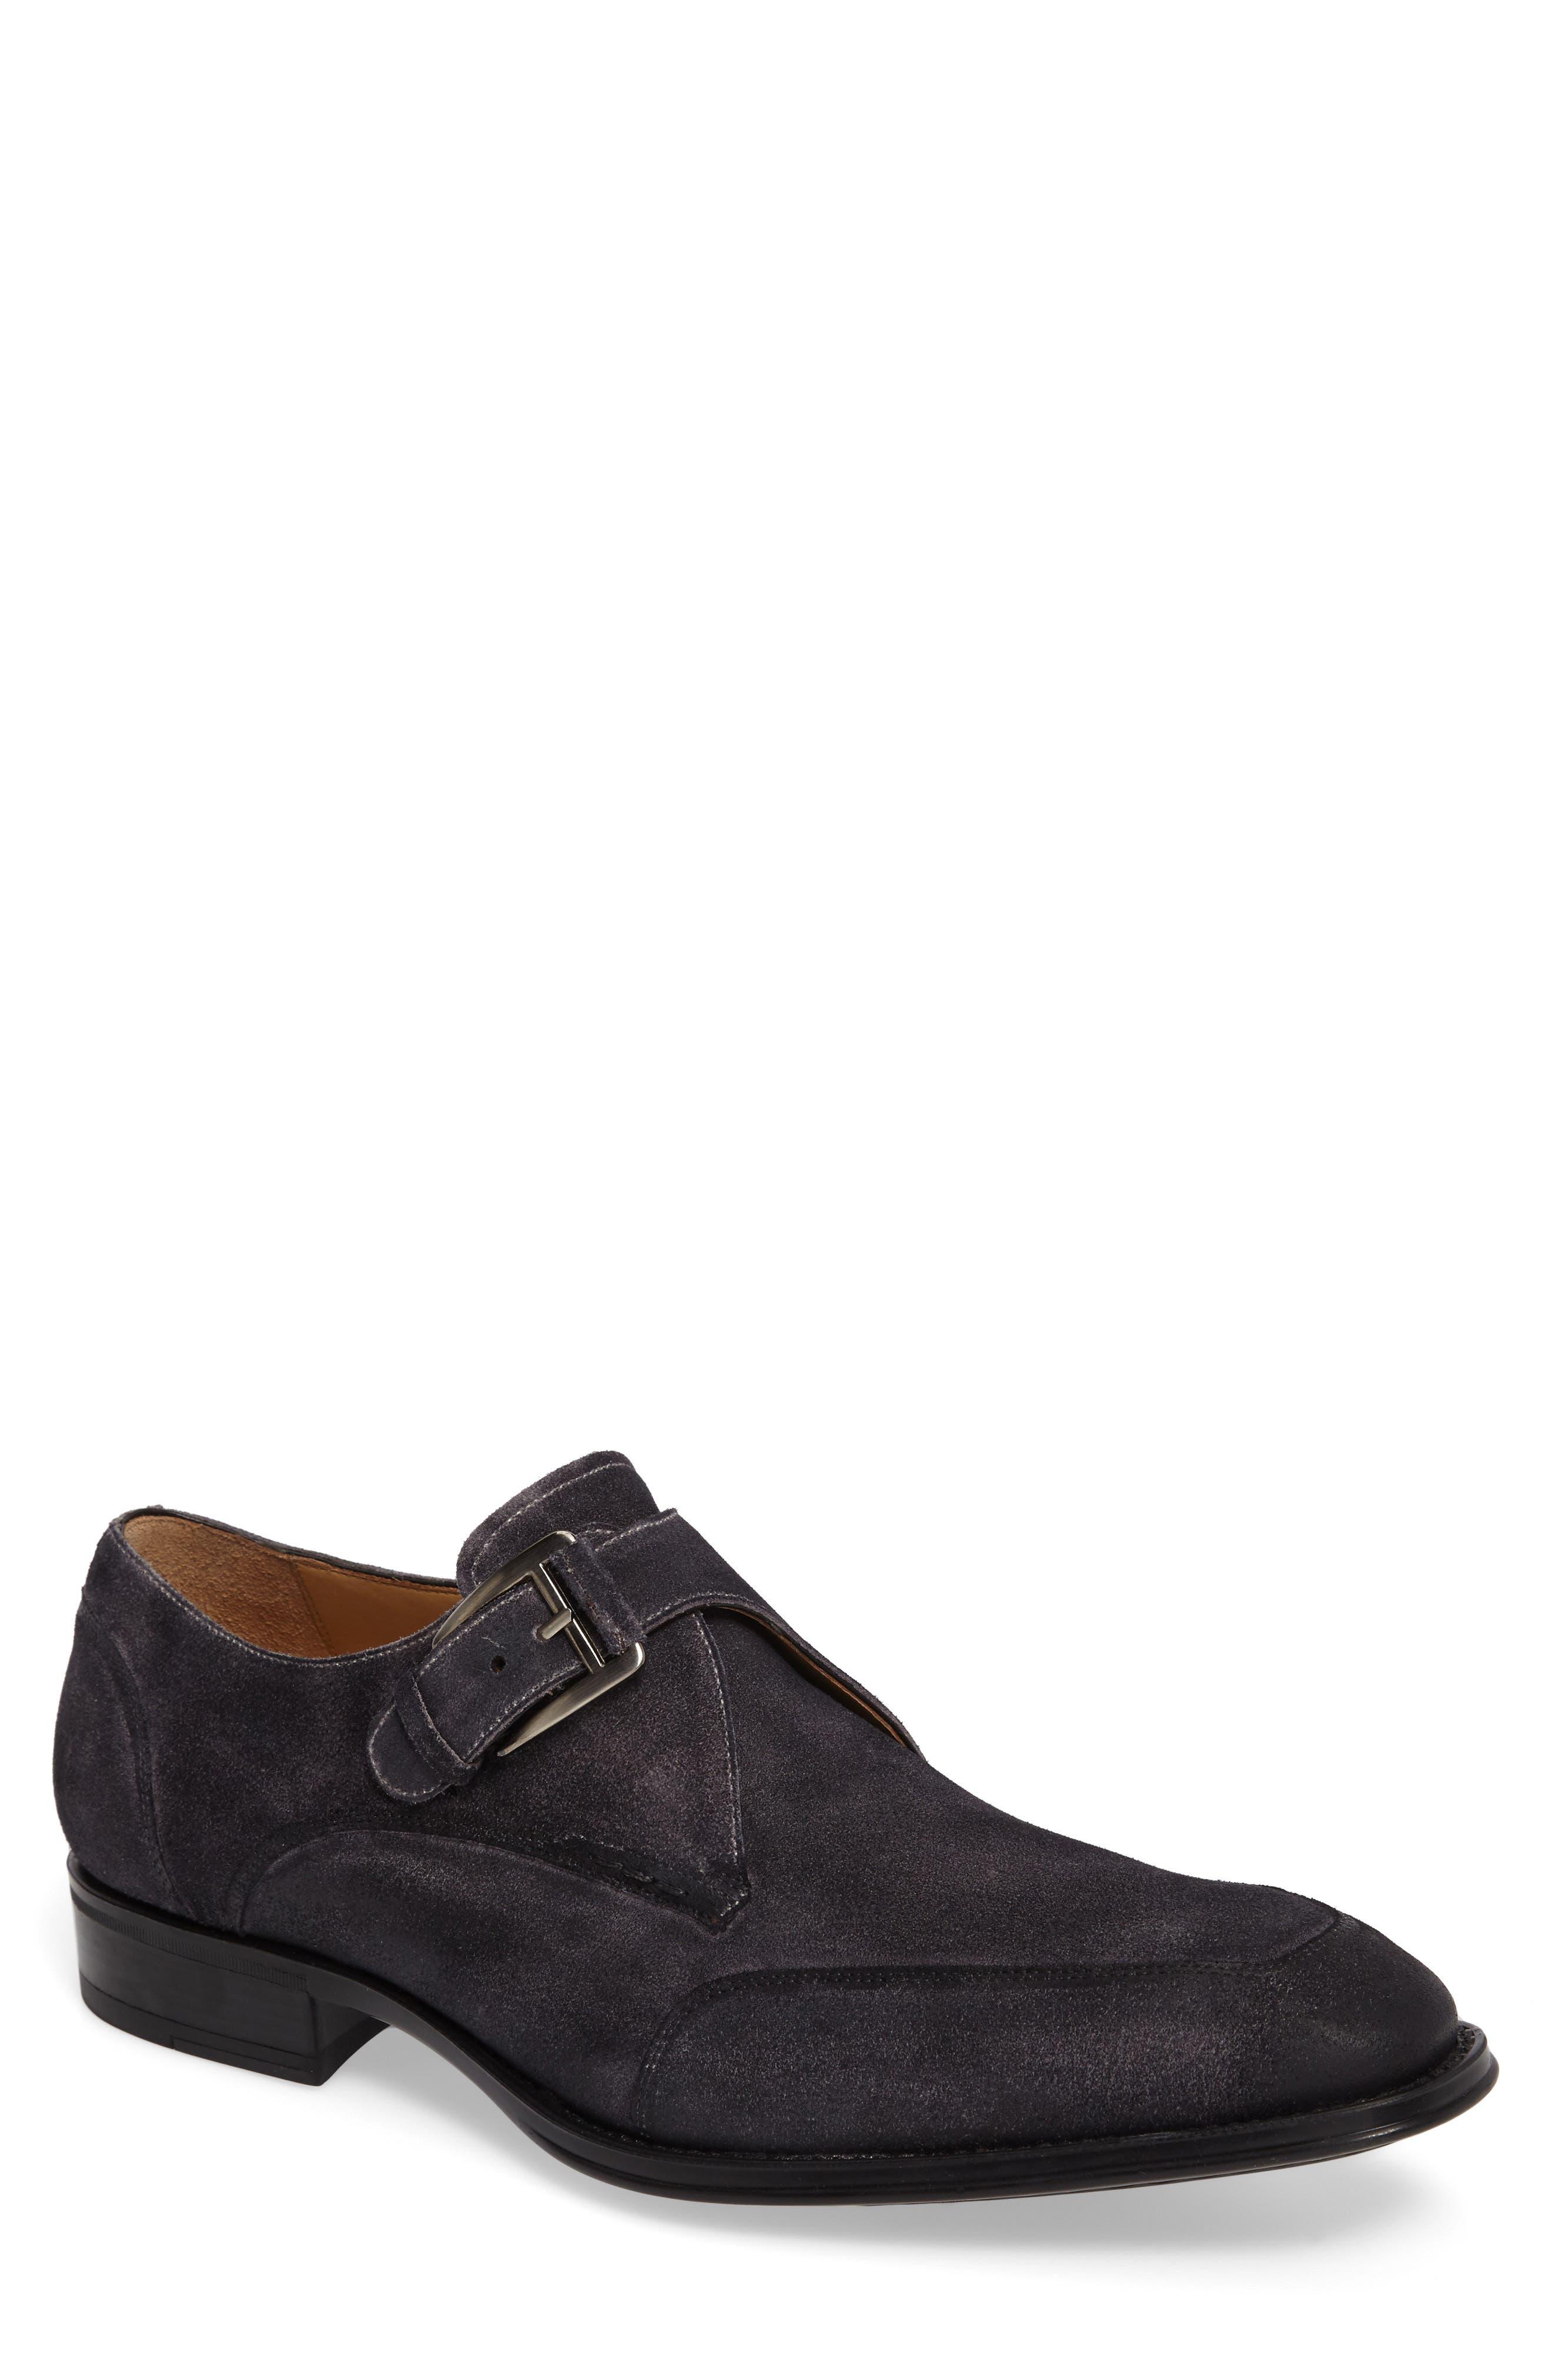 Main Image - Mezlan Baza Monk Strap Shoe (Men)